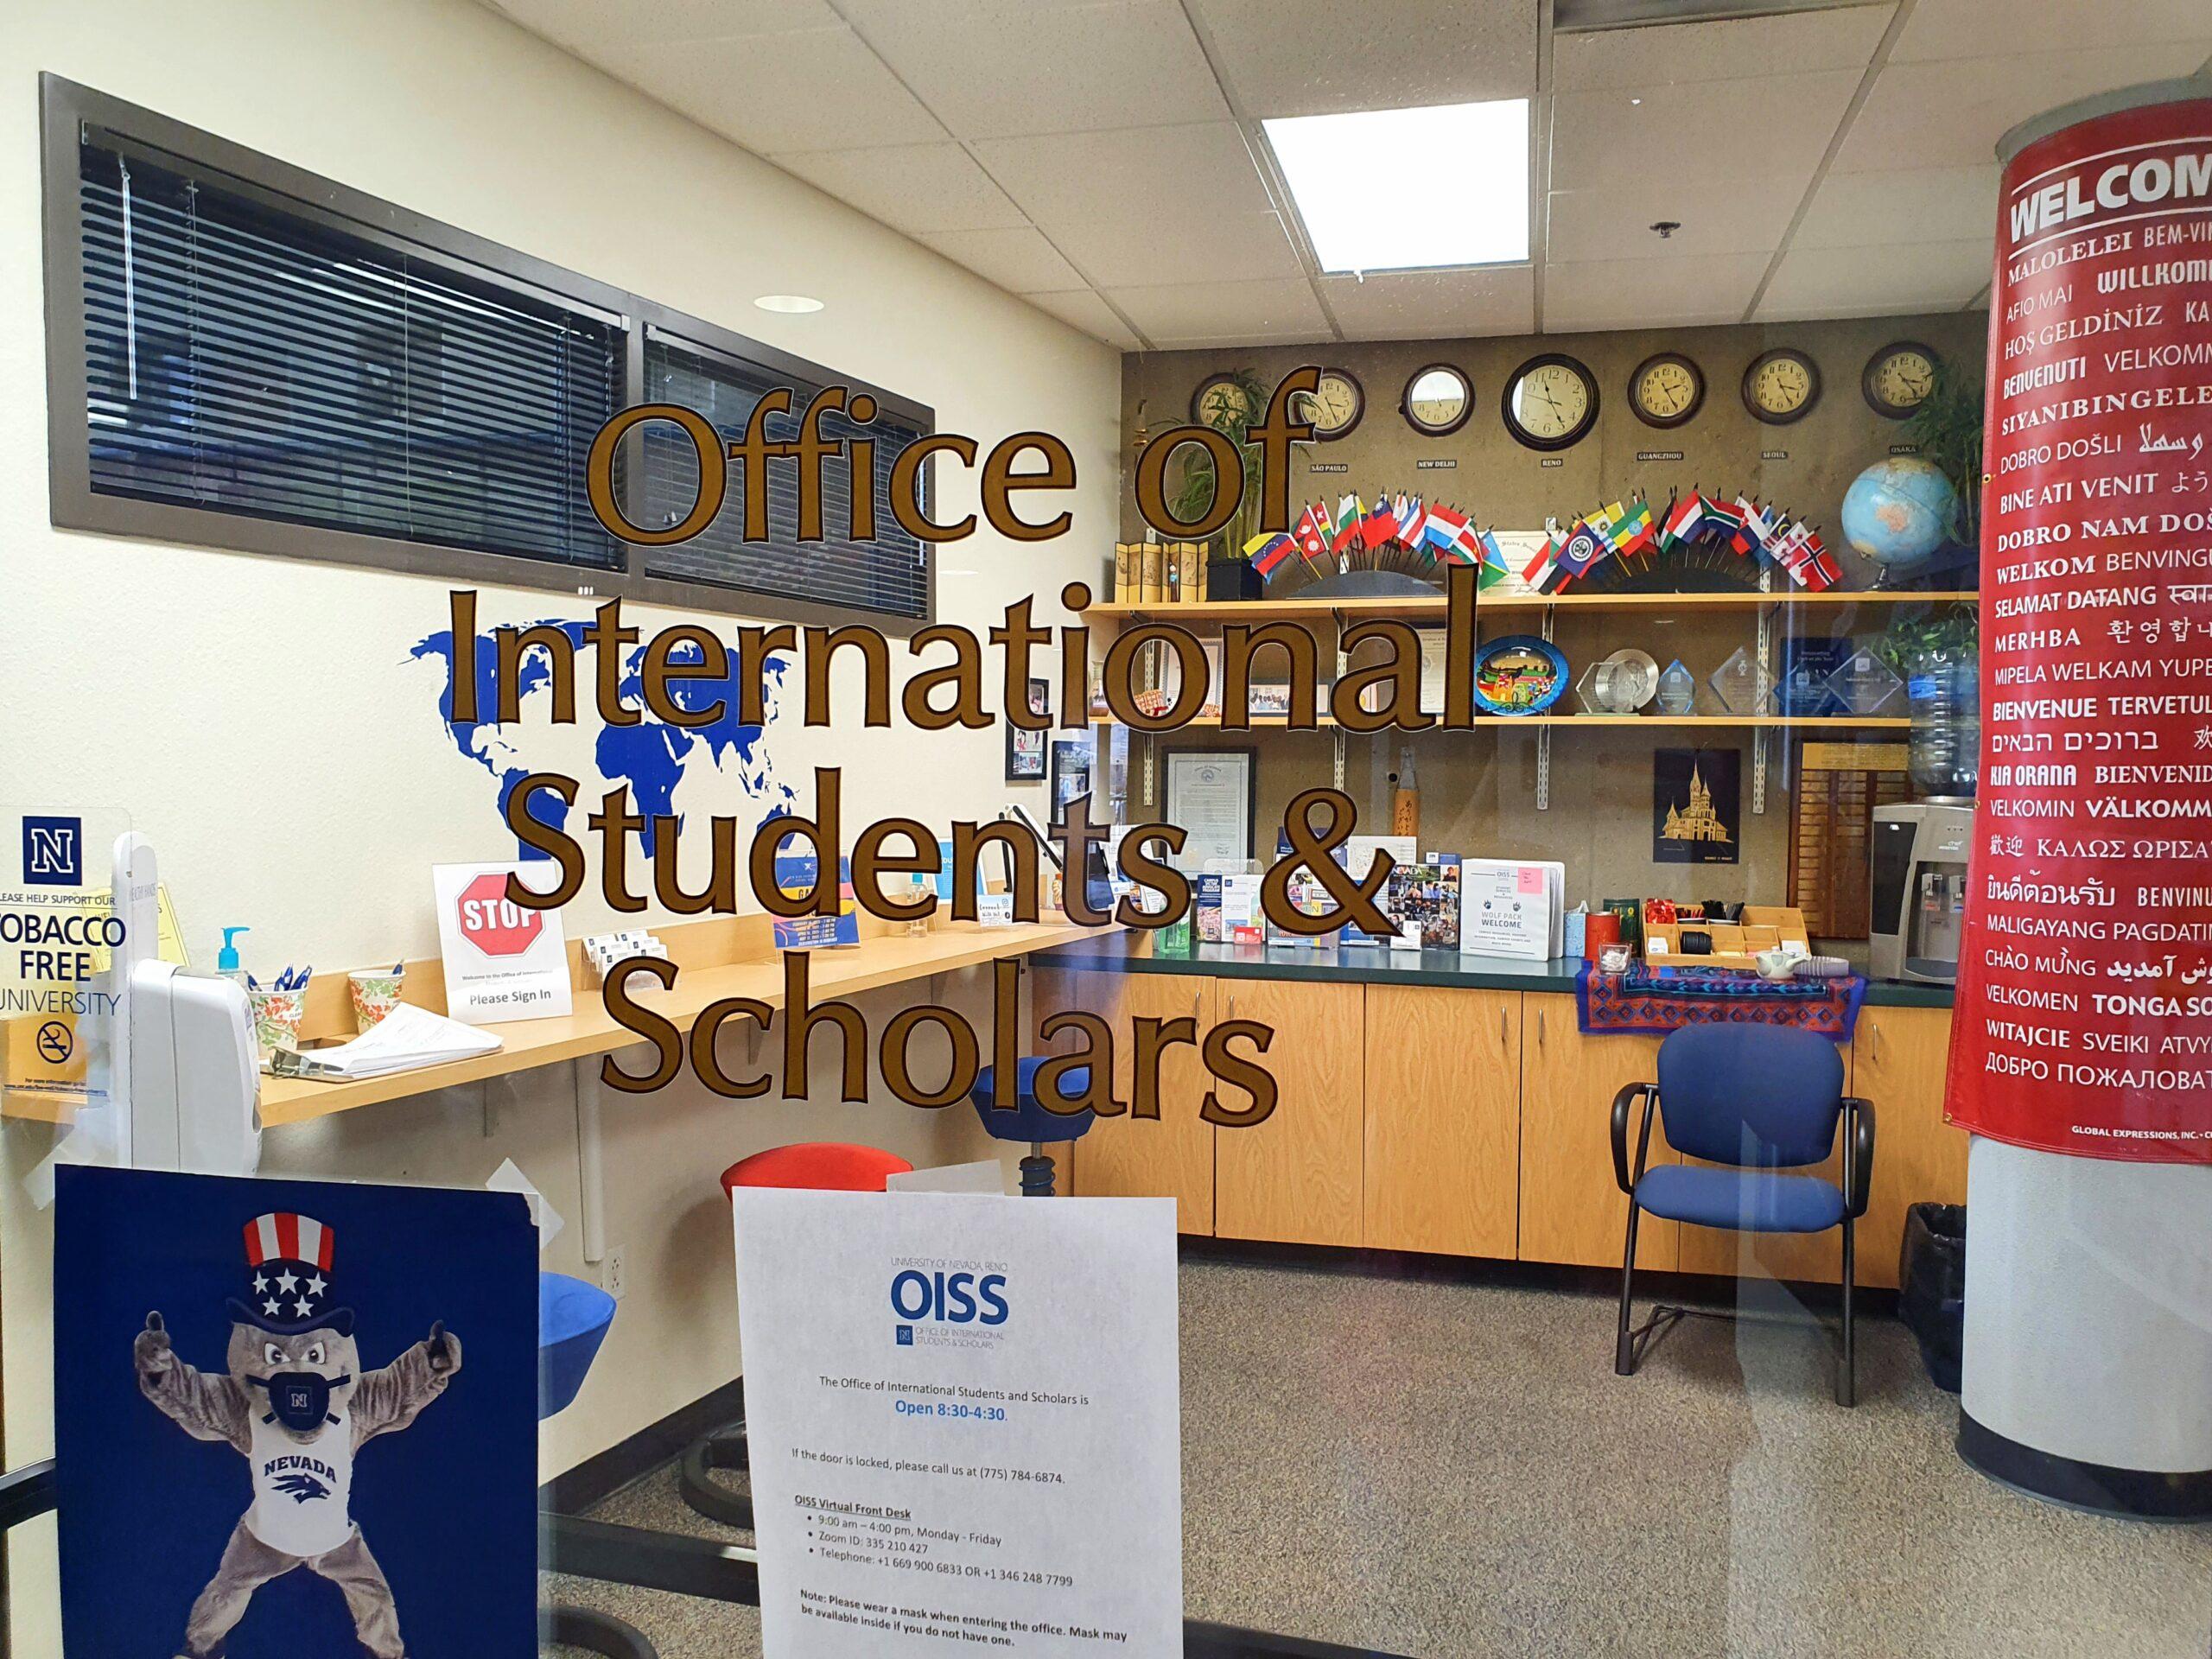 glass door with words office of international student scholars